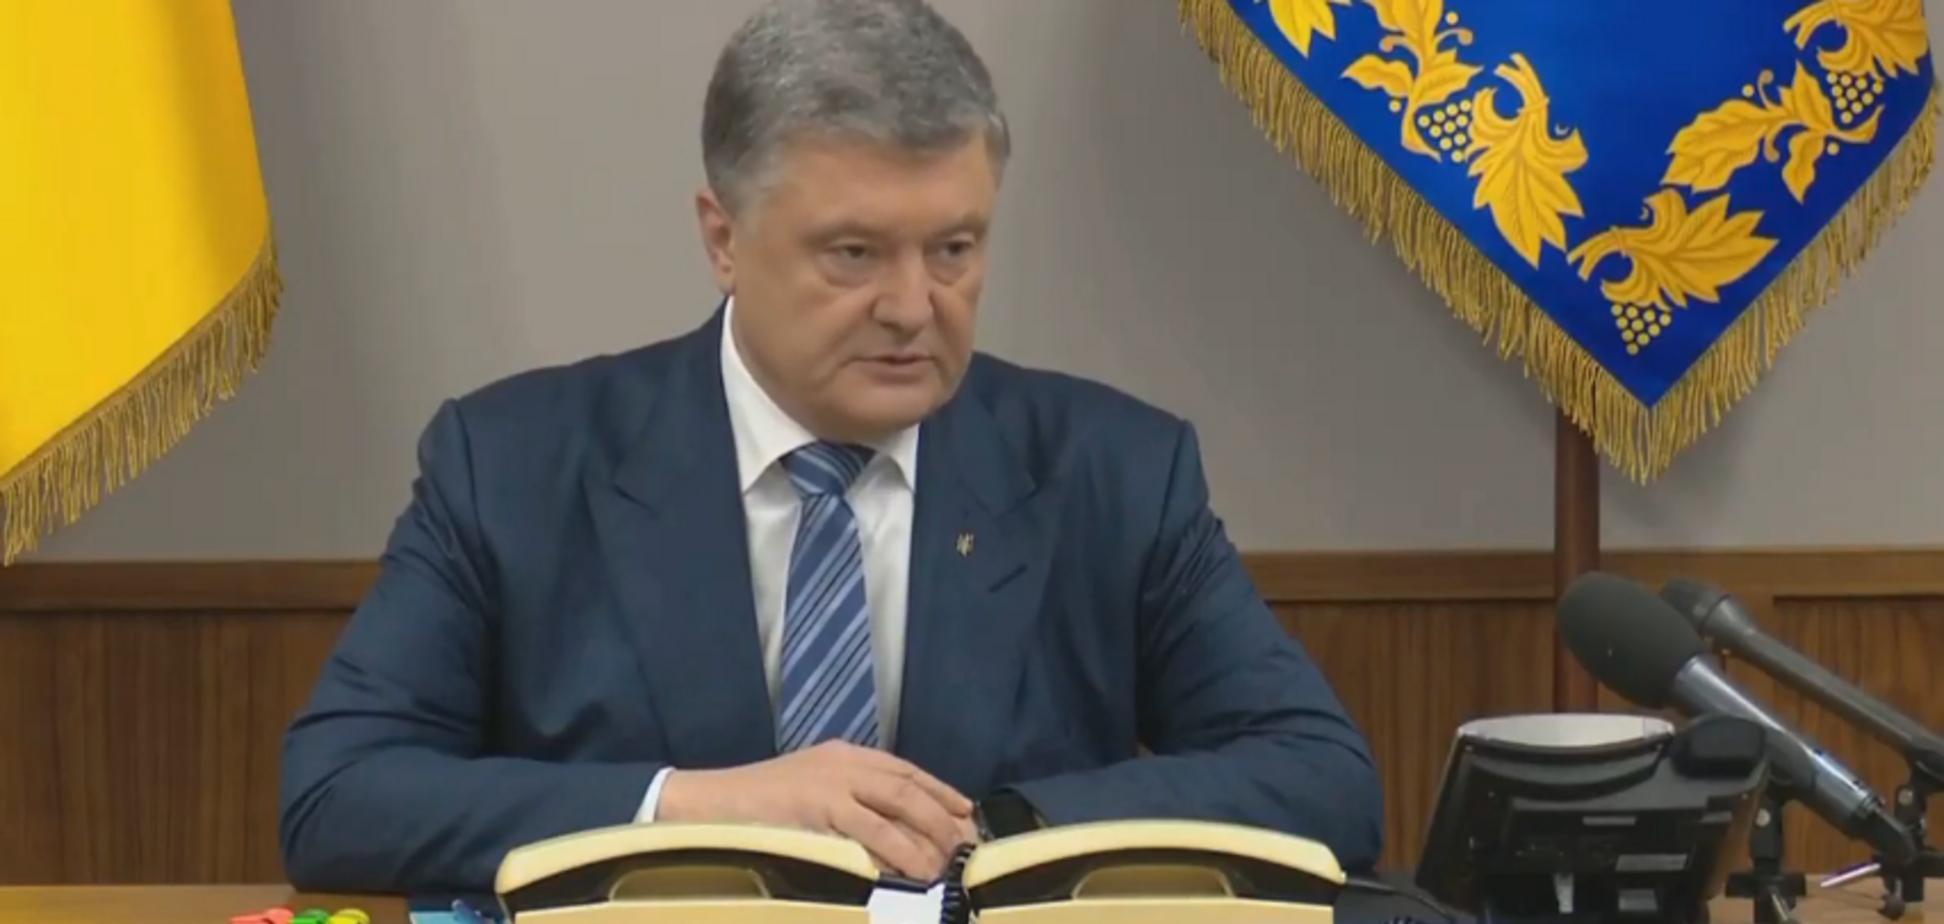 Срочное заседание СНБО из-за ПриватБанка: Порошенко объявил о рисках